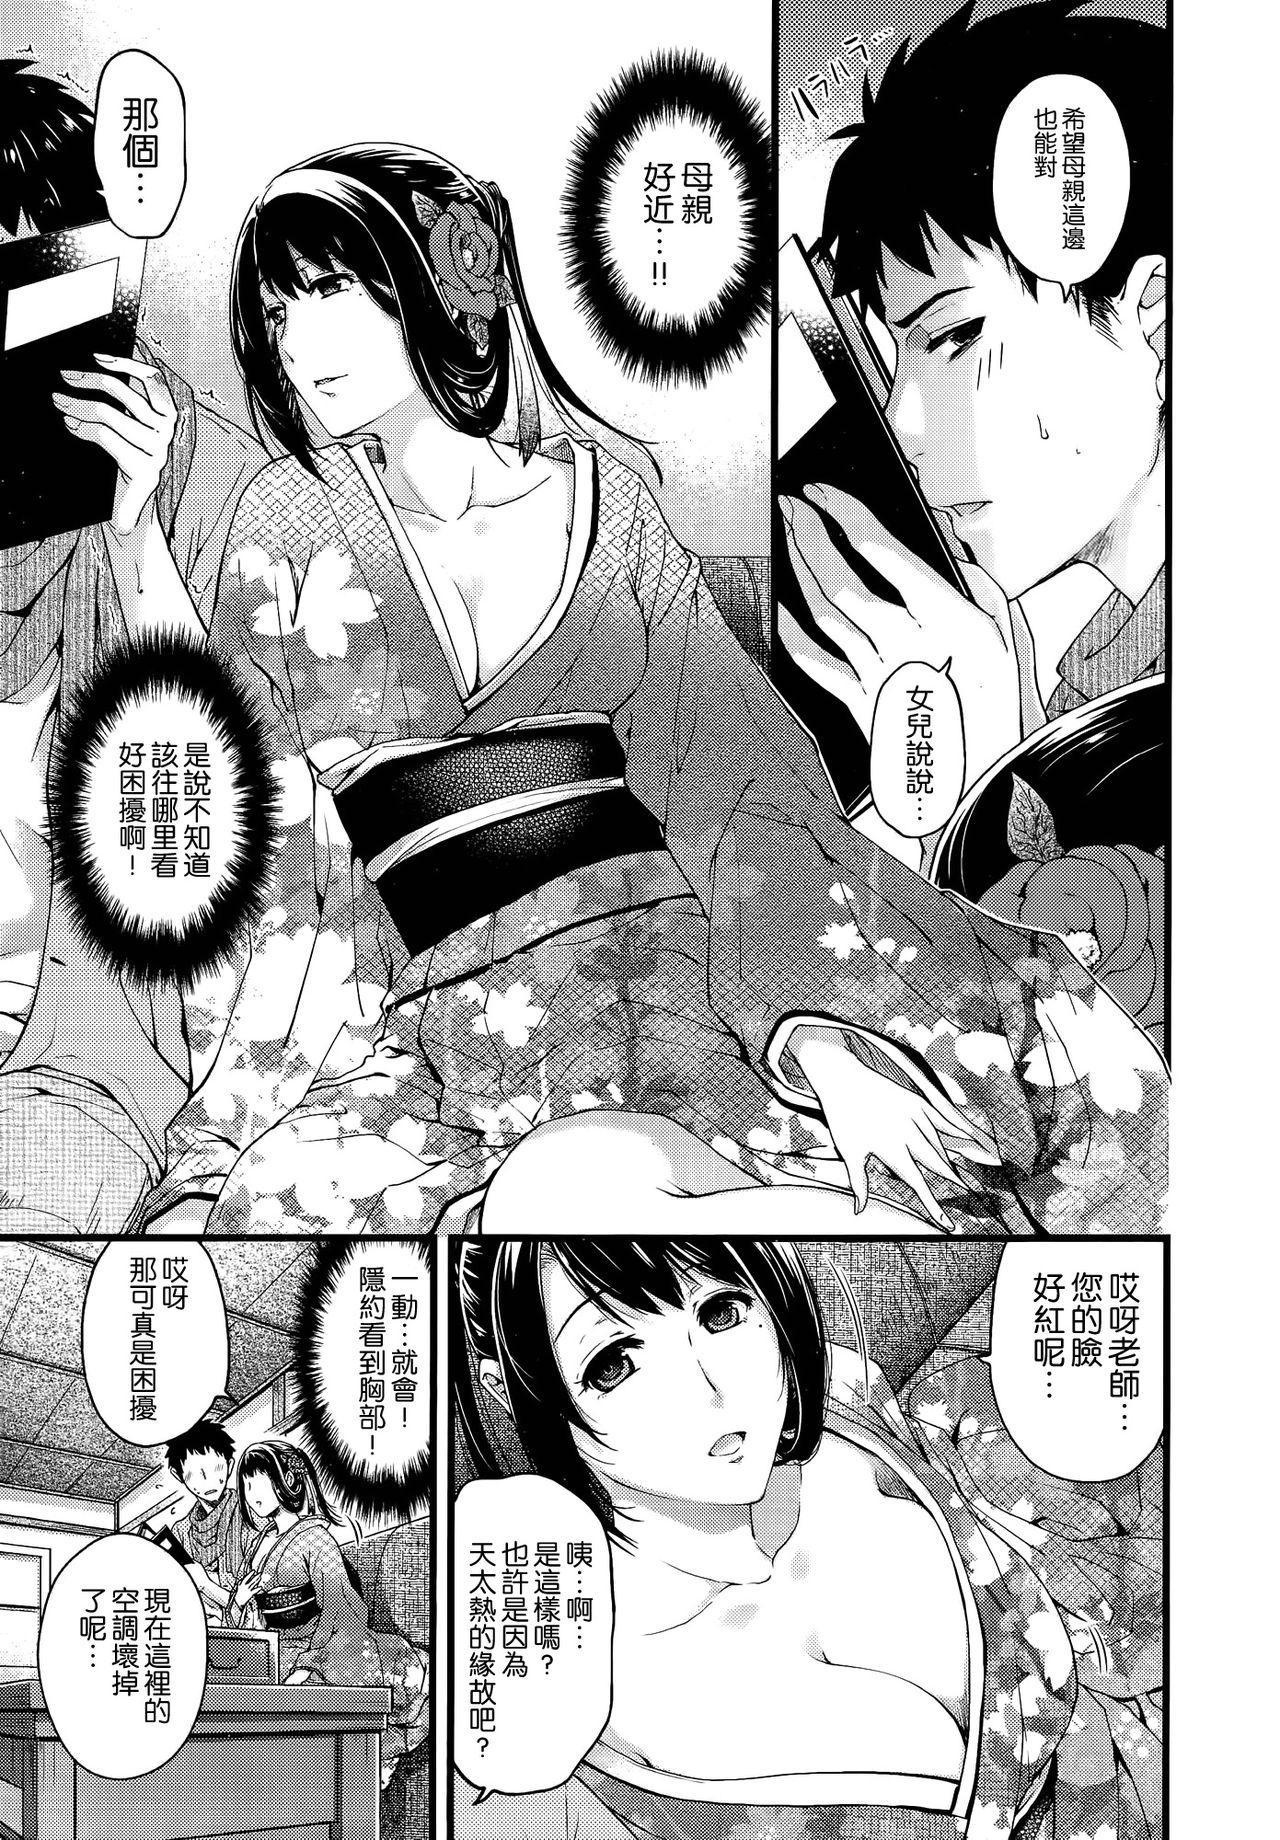 Youma to Tsuya no Houteishiki 4